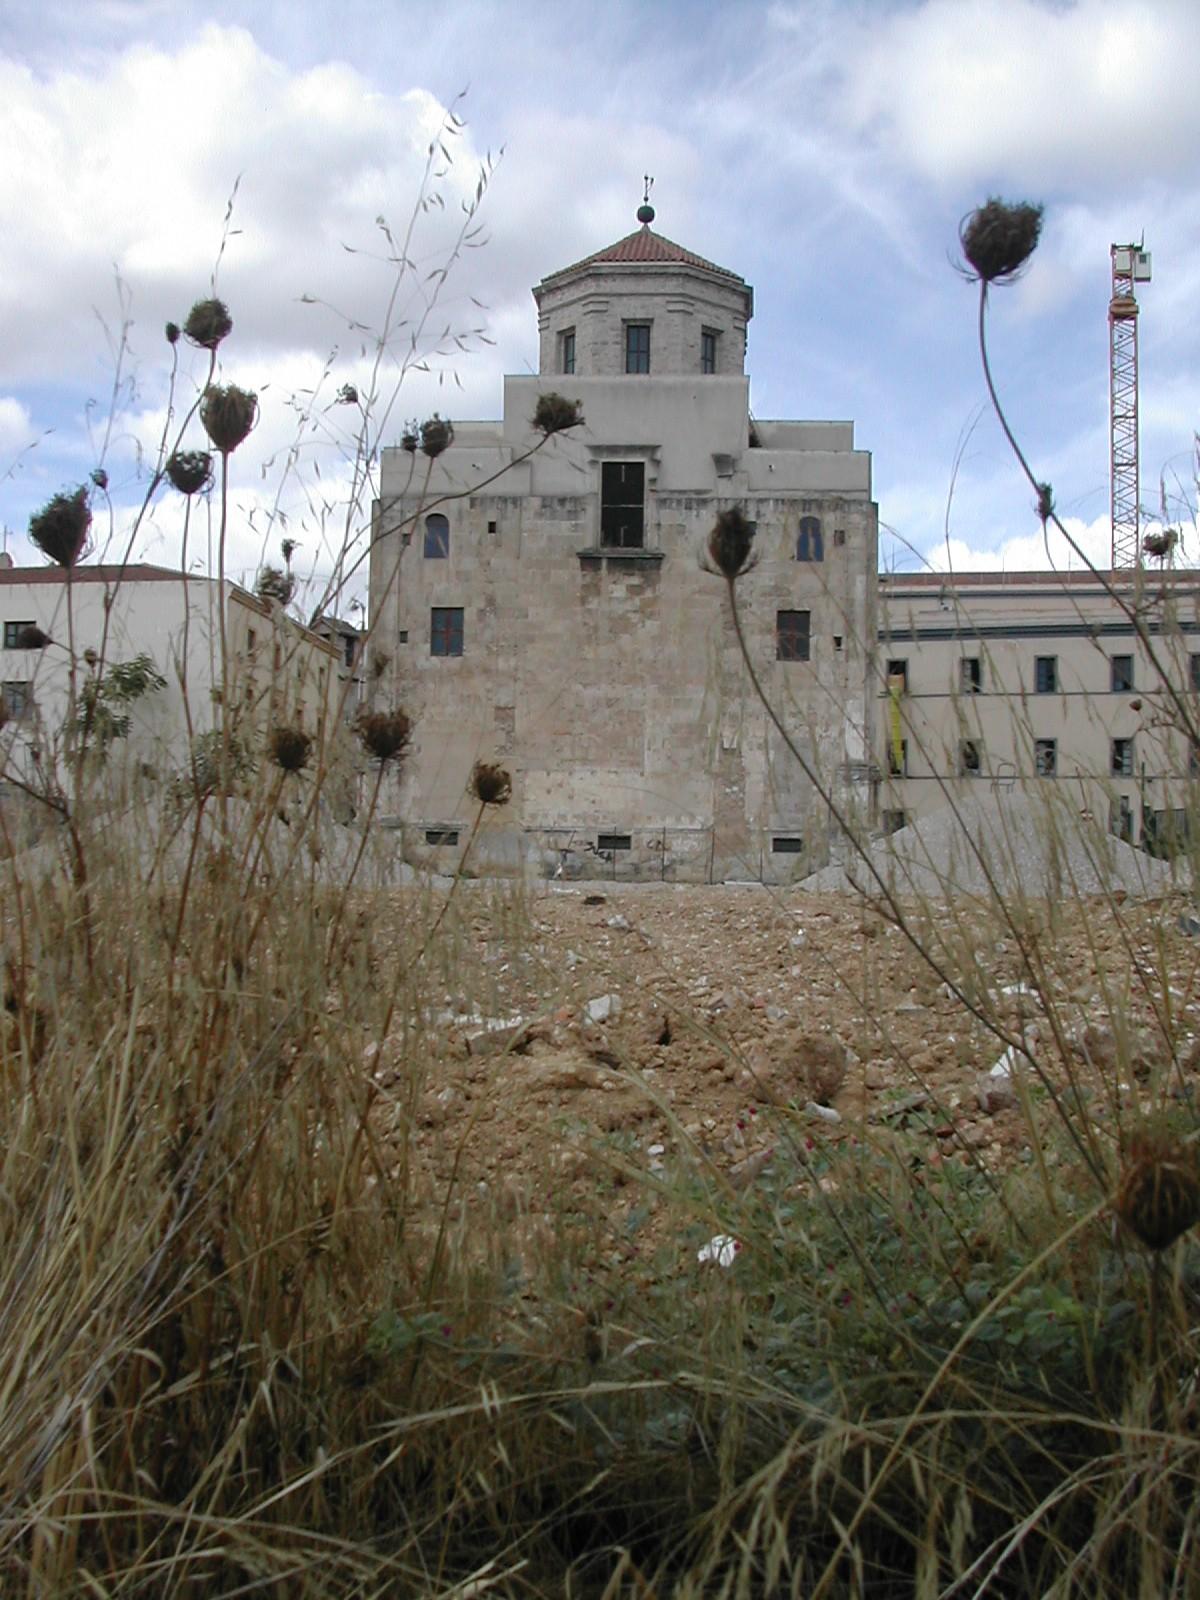 Palermo Sep. 2006